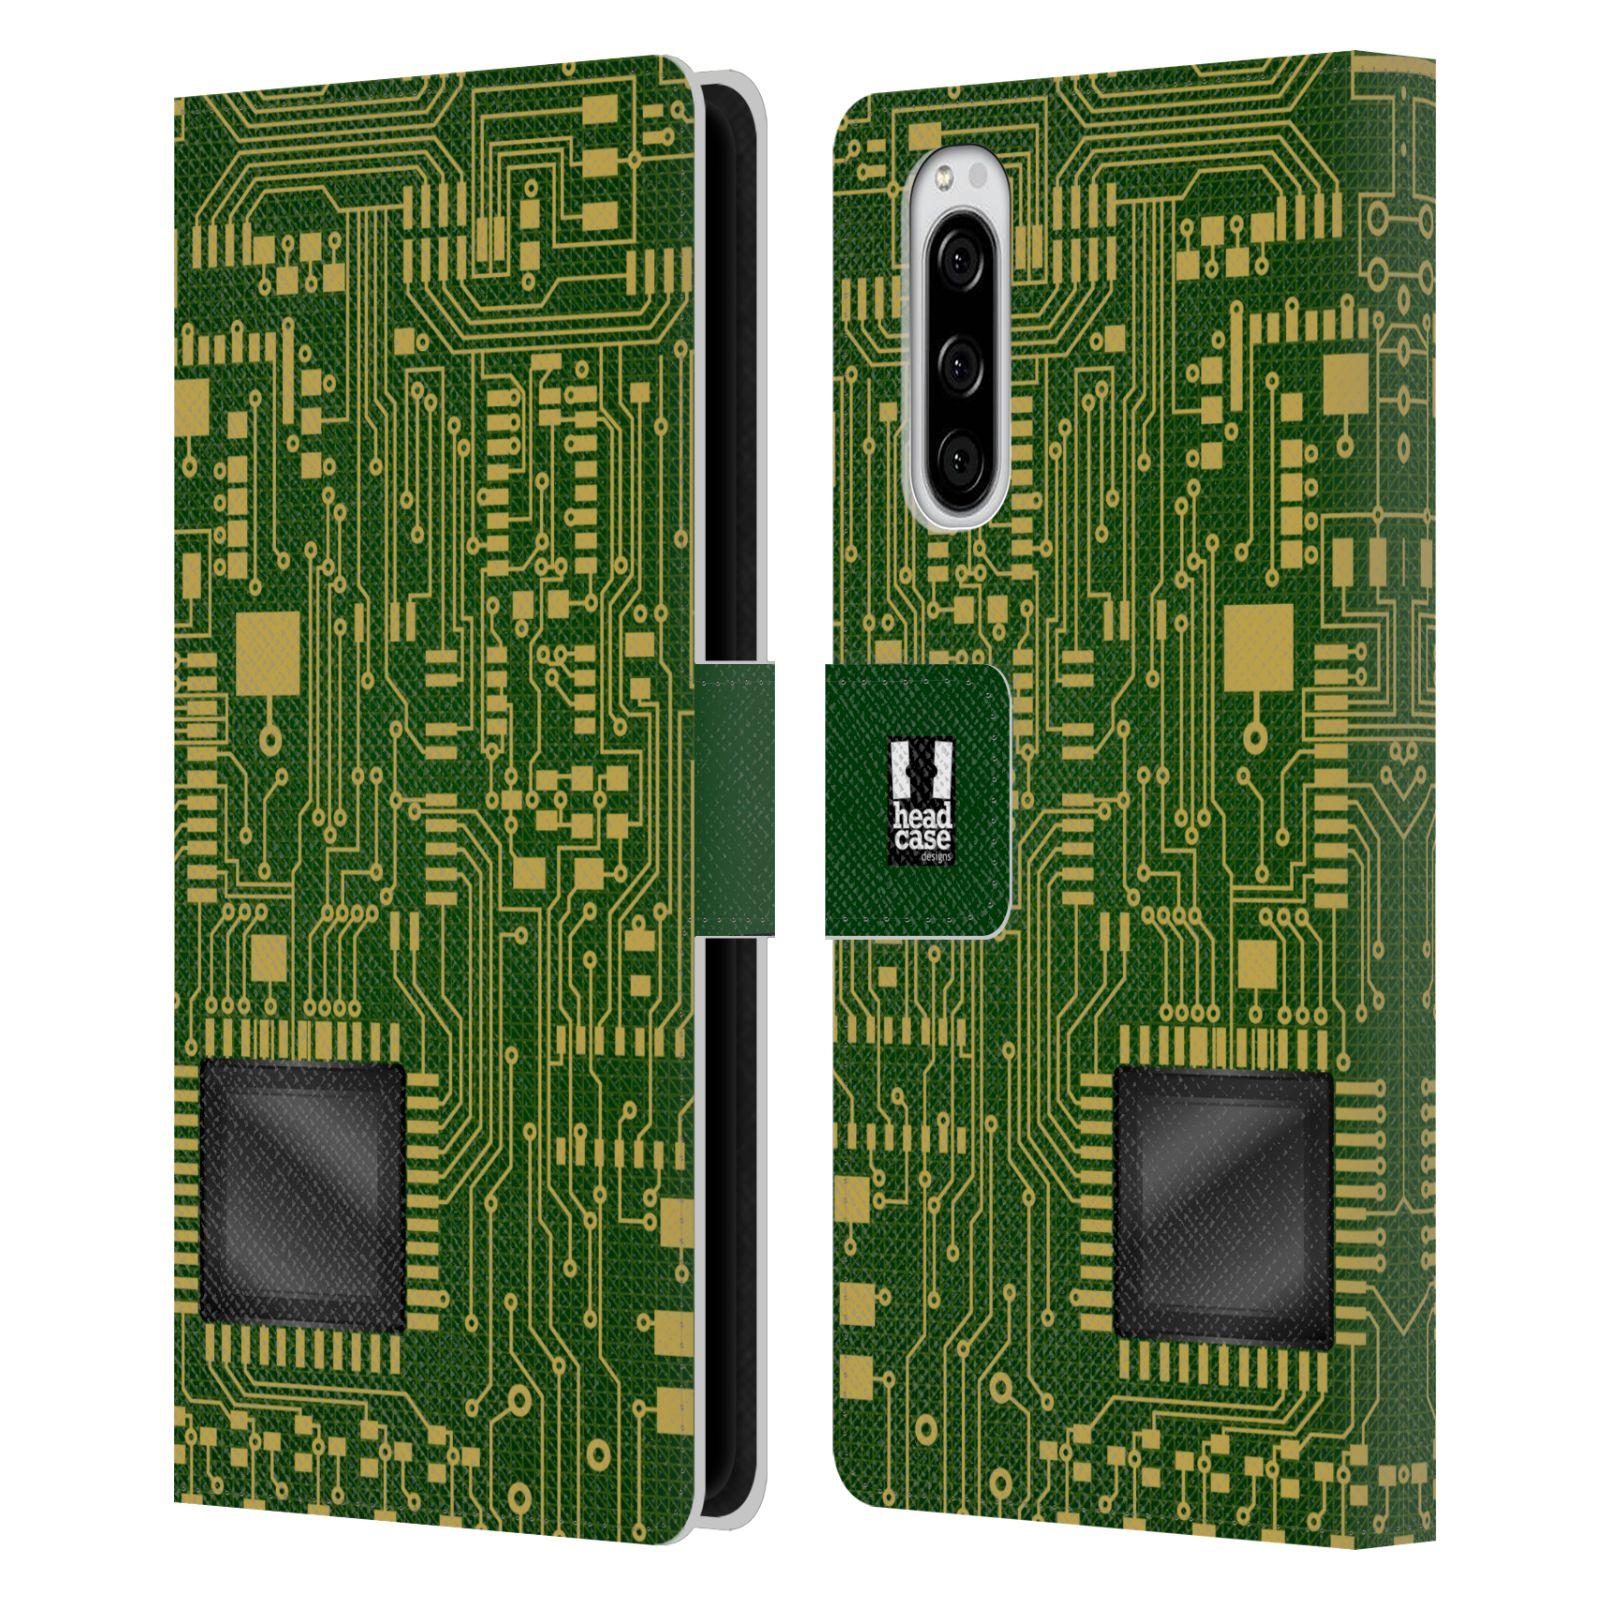 Pouzdro na mobil Sony Xperia 5 počítač základní deska zelená barva velký čip